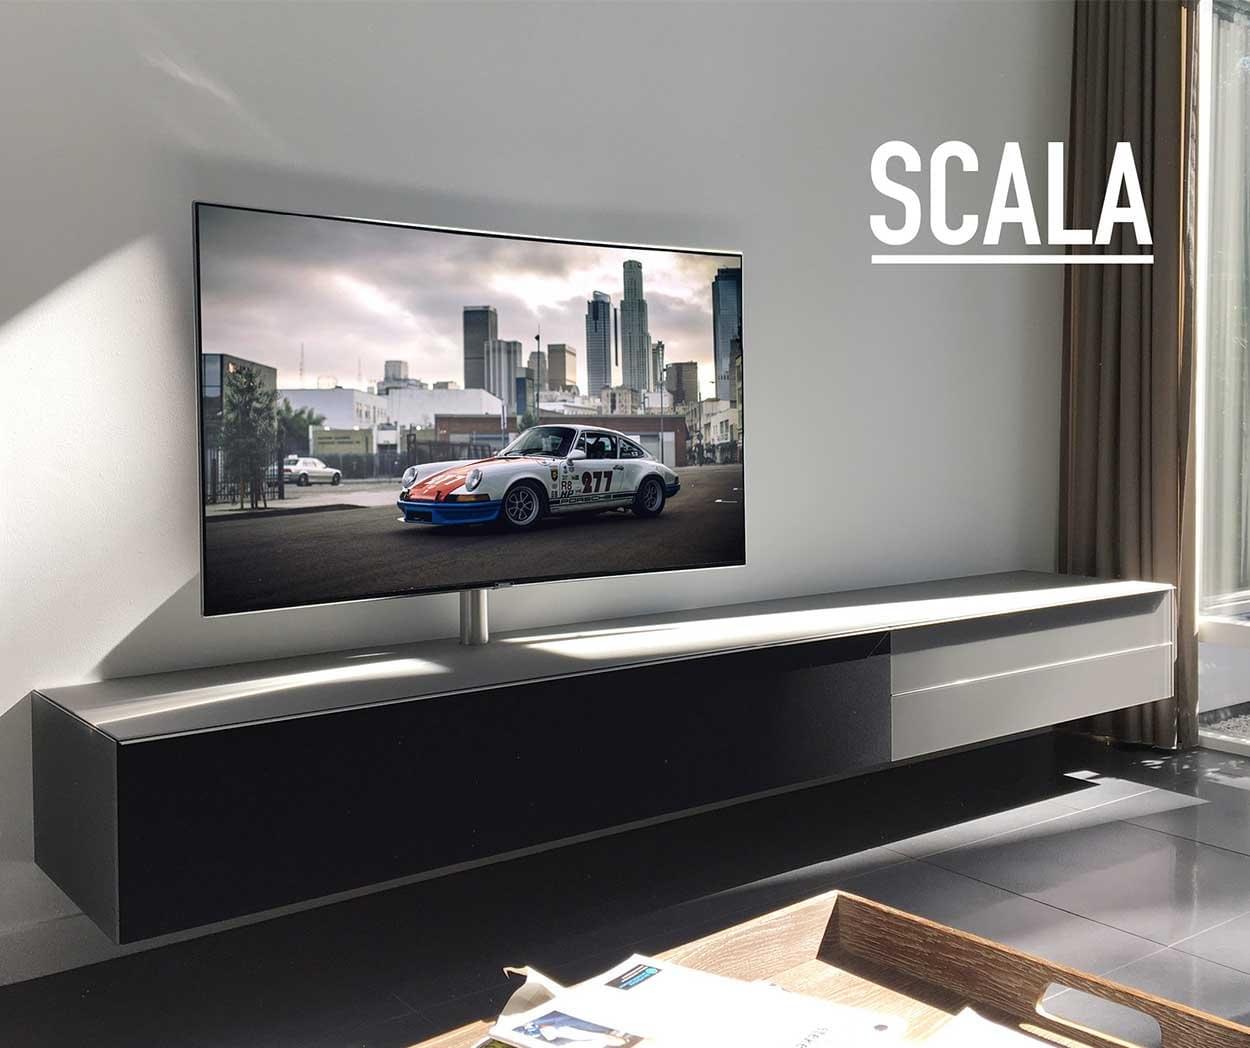 scala-sc1654-tv-meubel-speakerdoek